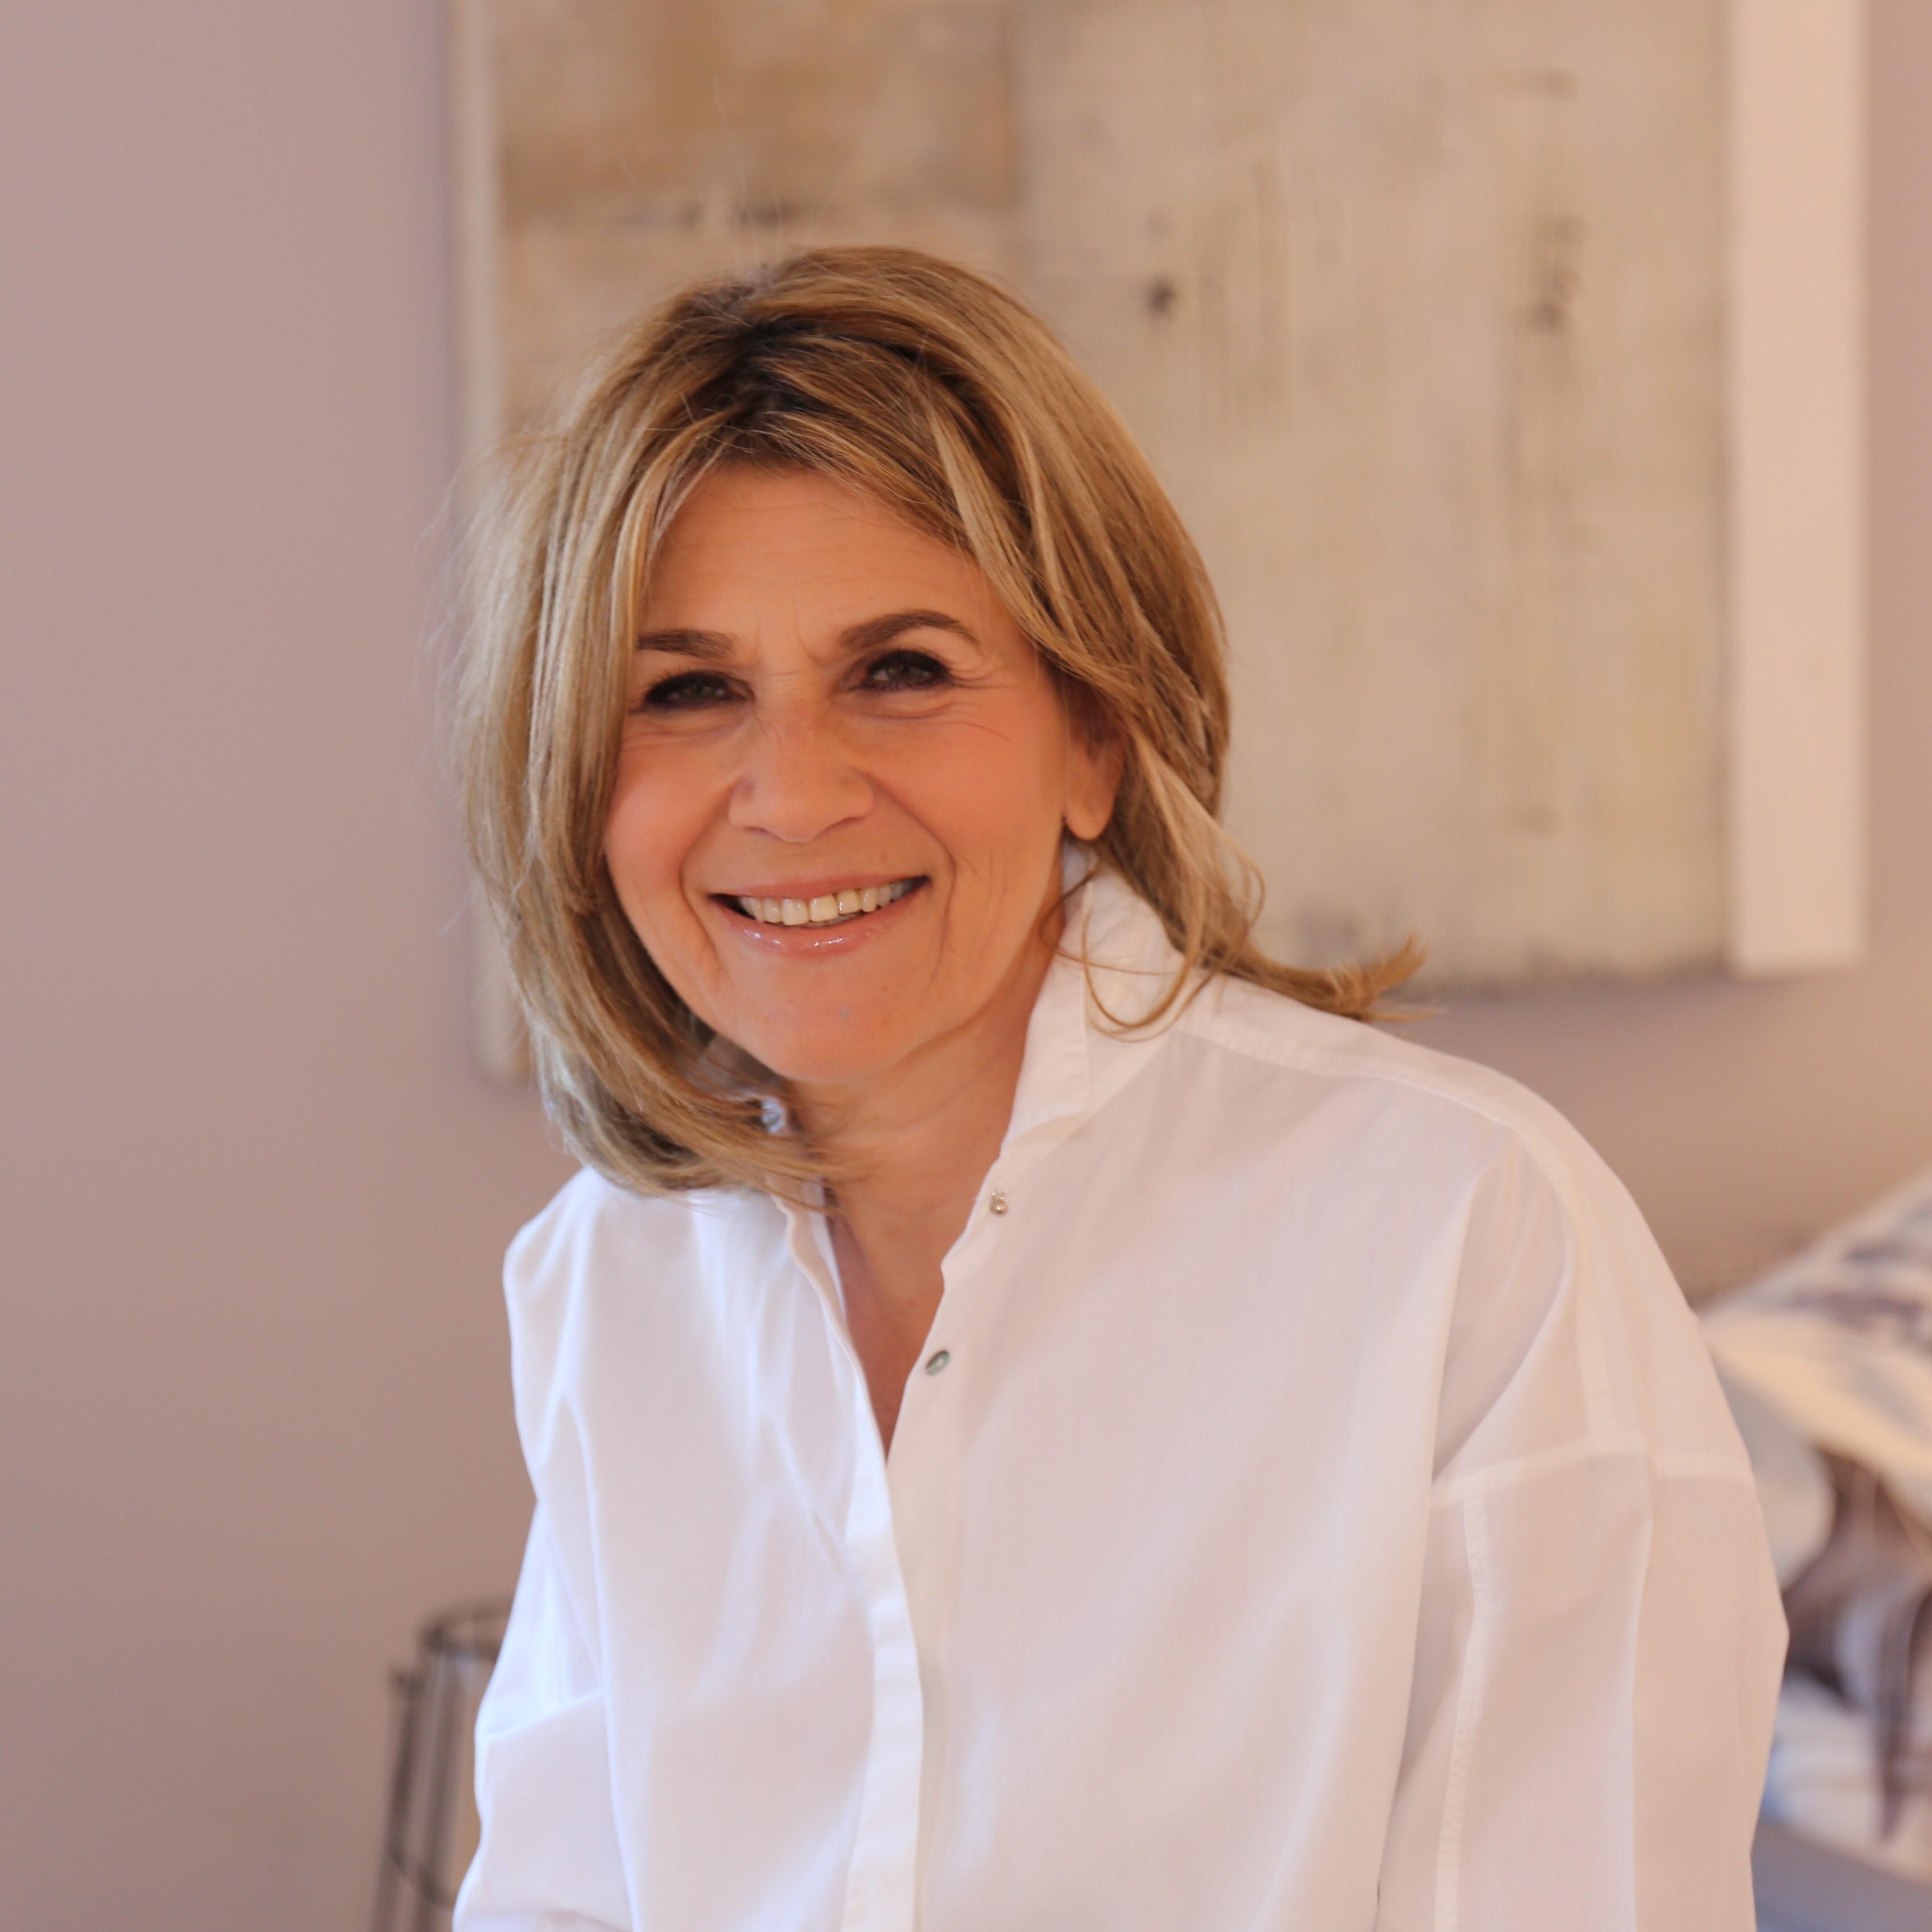 Jacqueline Hollis